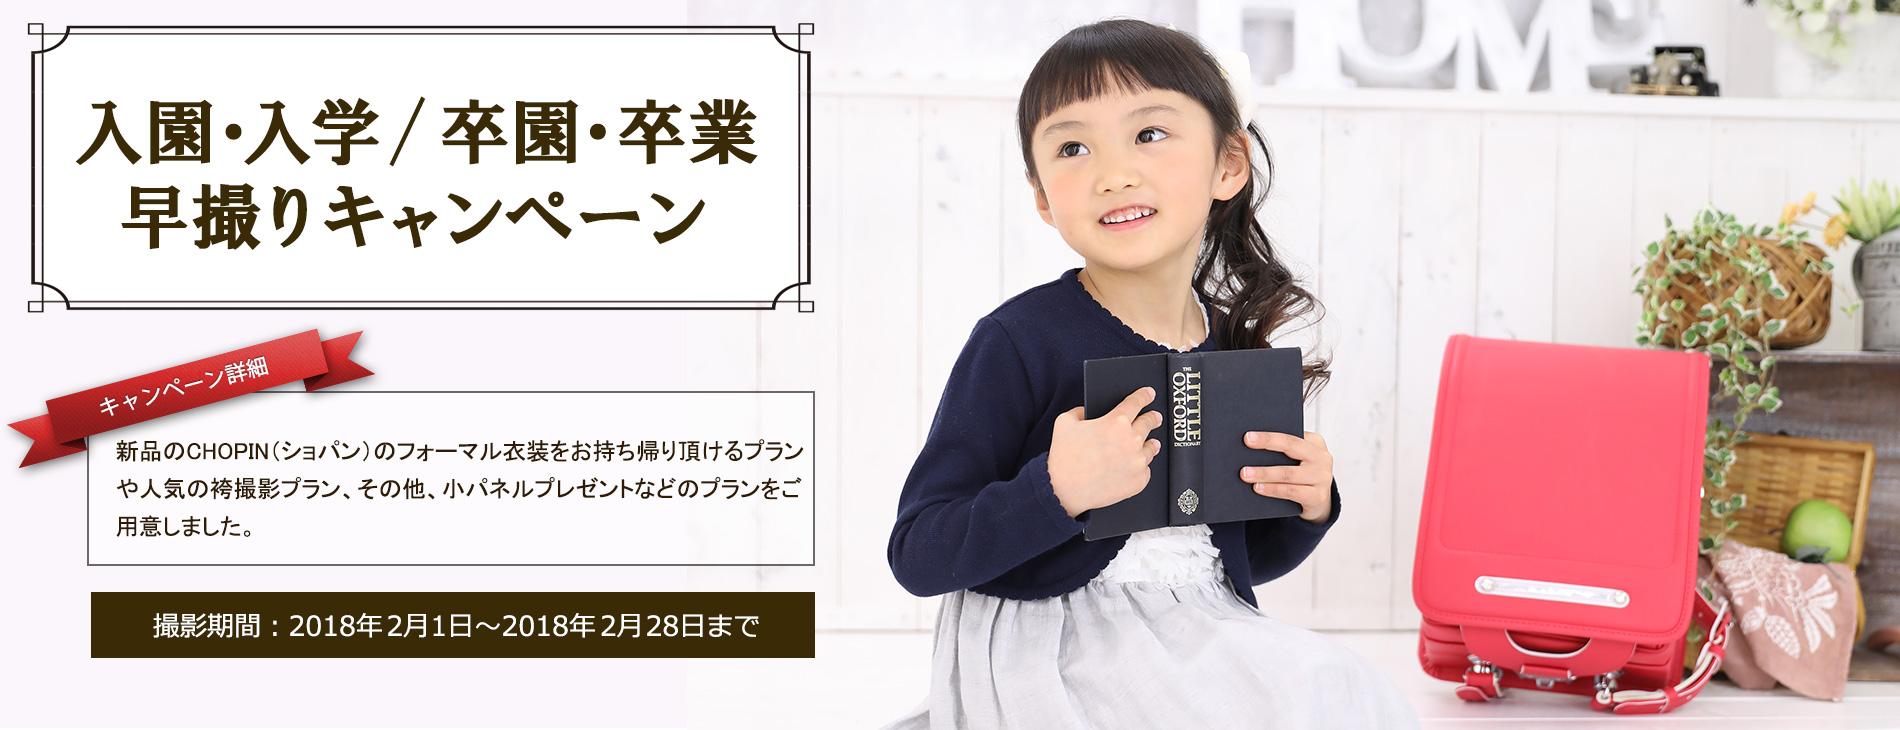 入園・入学 / 卒園・卒業 早撮りキャンペーン